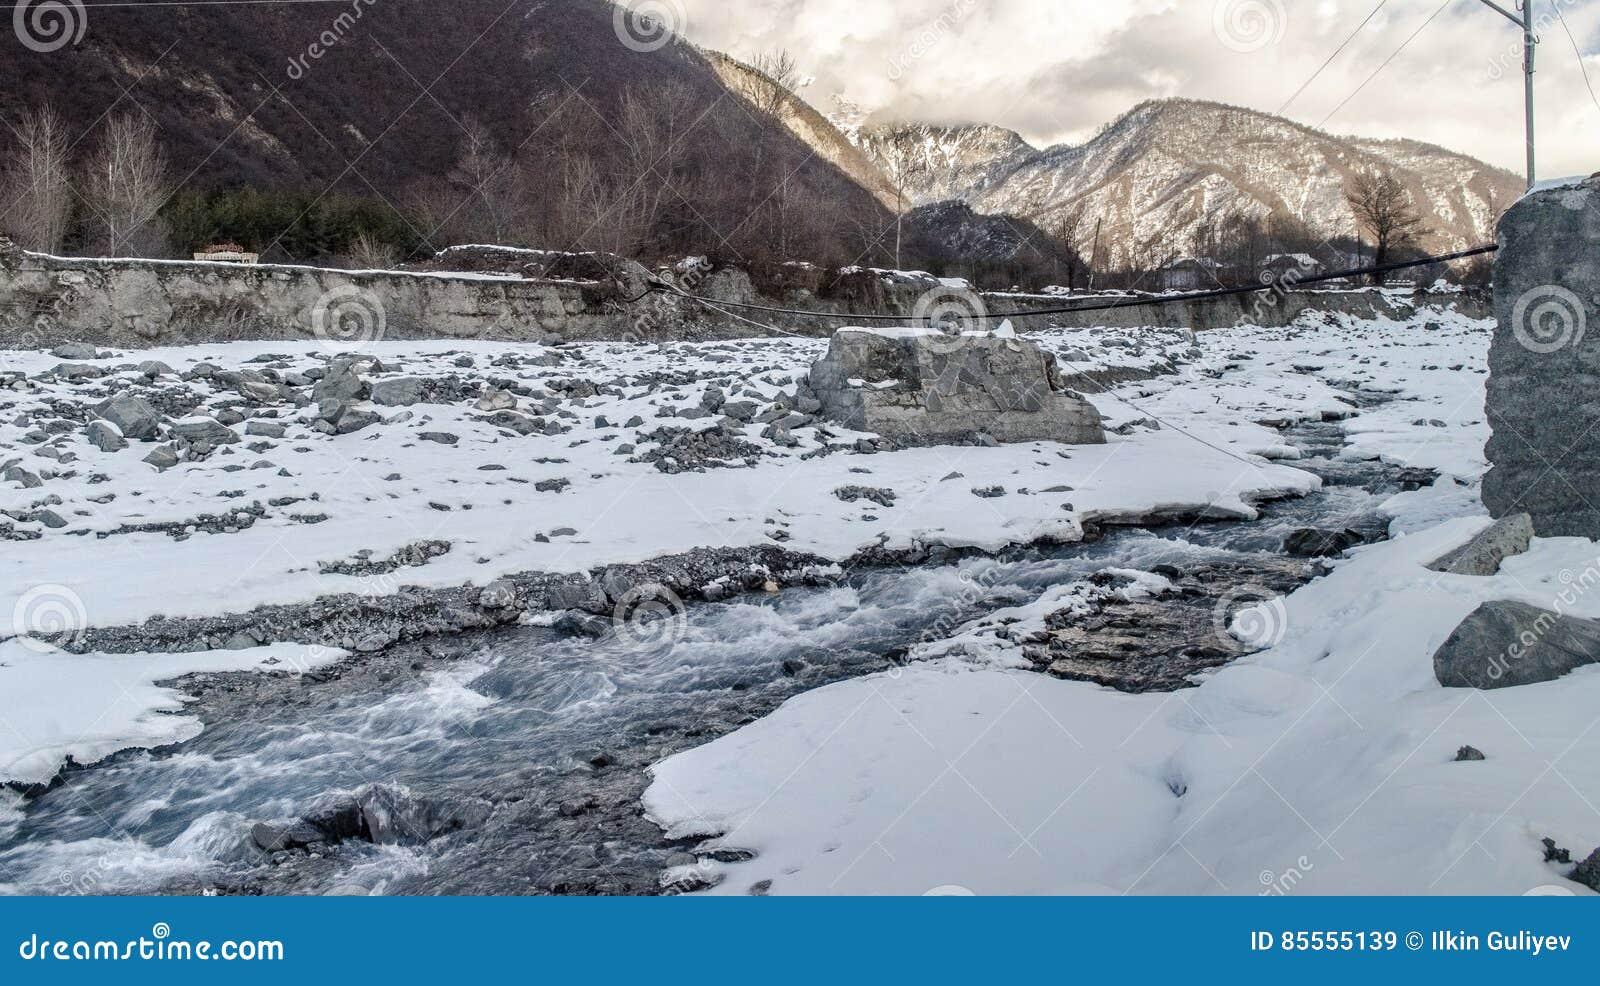 Winter-Fluss-Landschaft Schnee bedeckte Strom an den Bergen von Aserbaidschan kaukasus